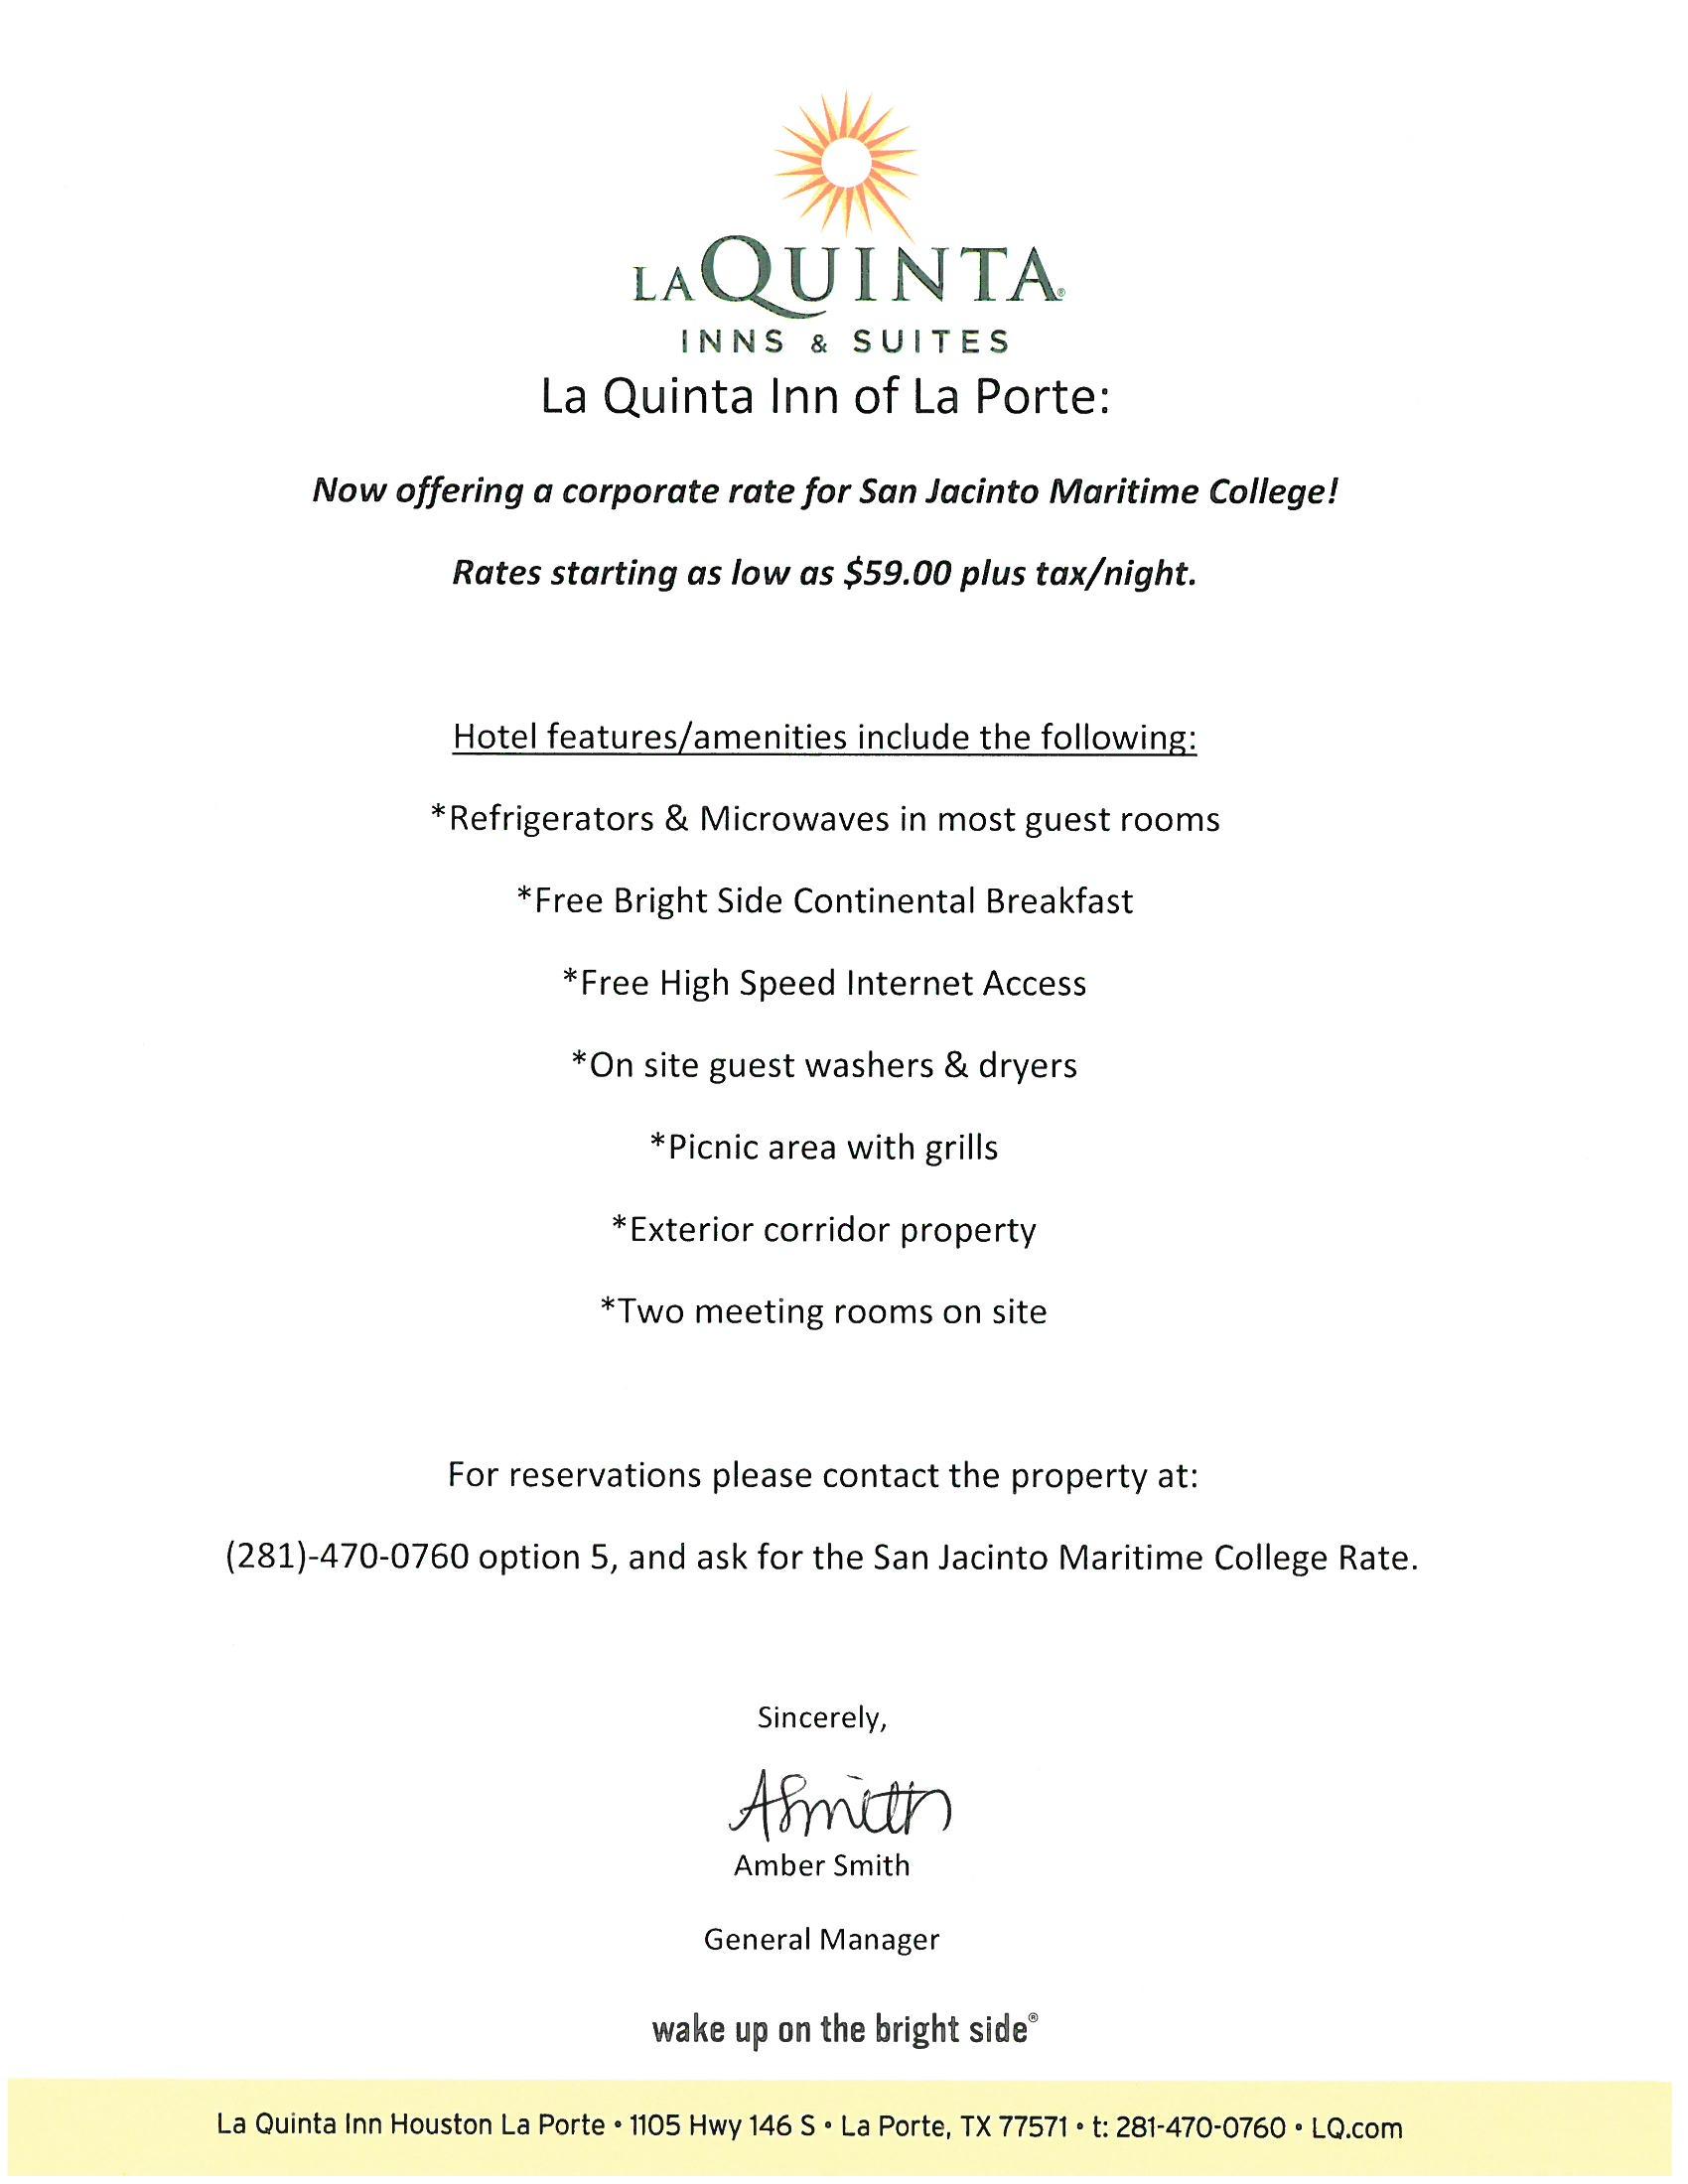 La Quinta Flyer